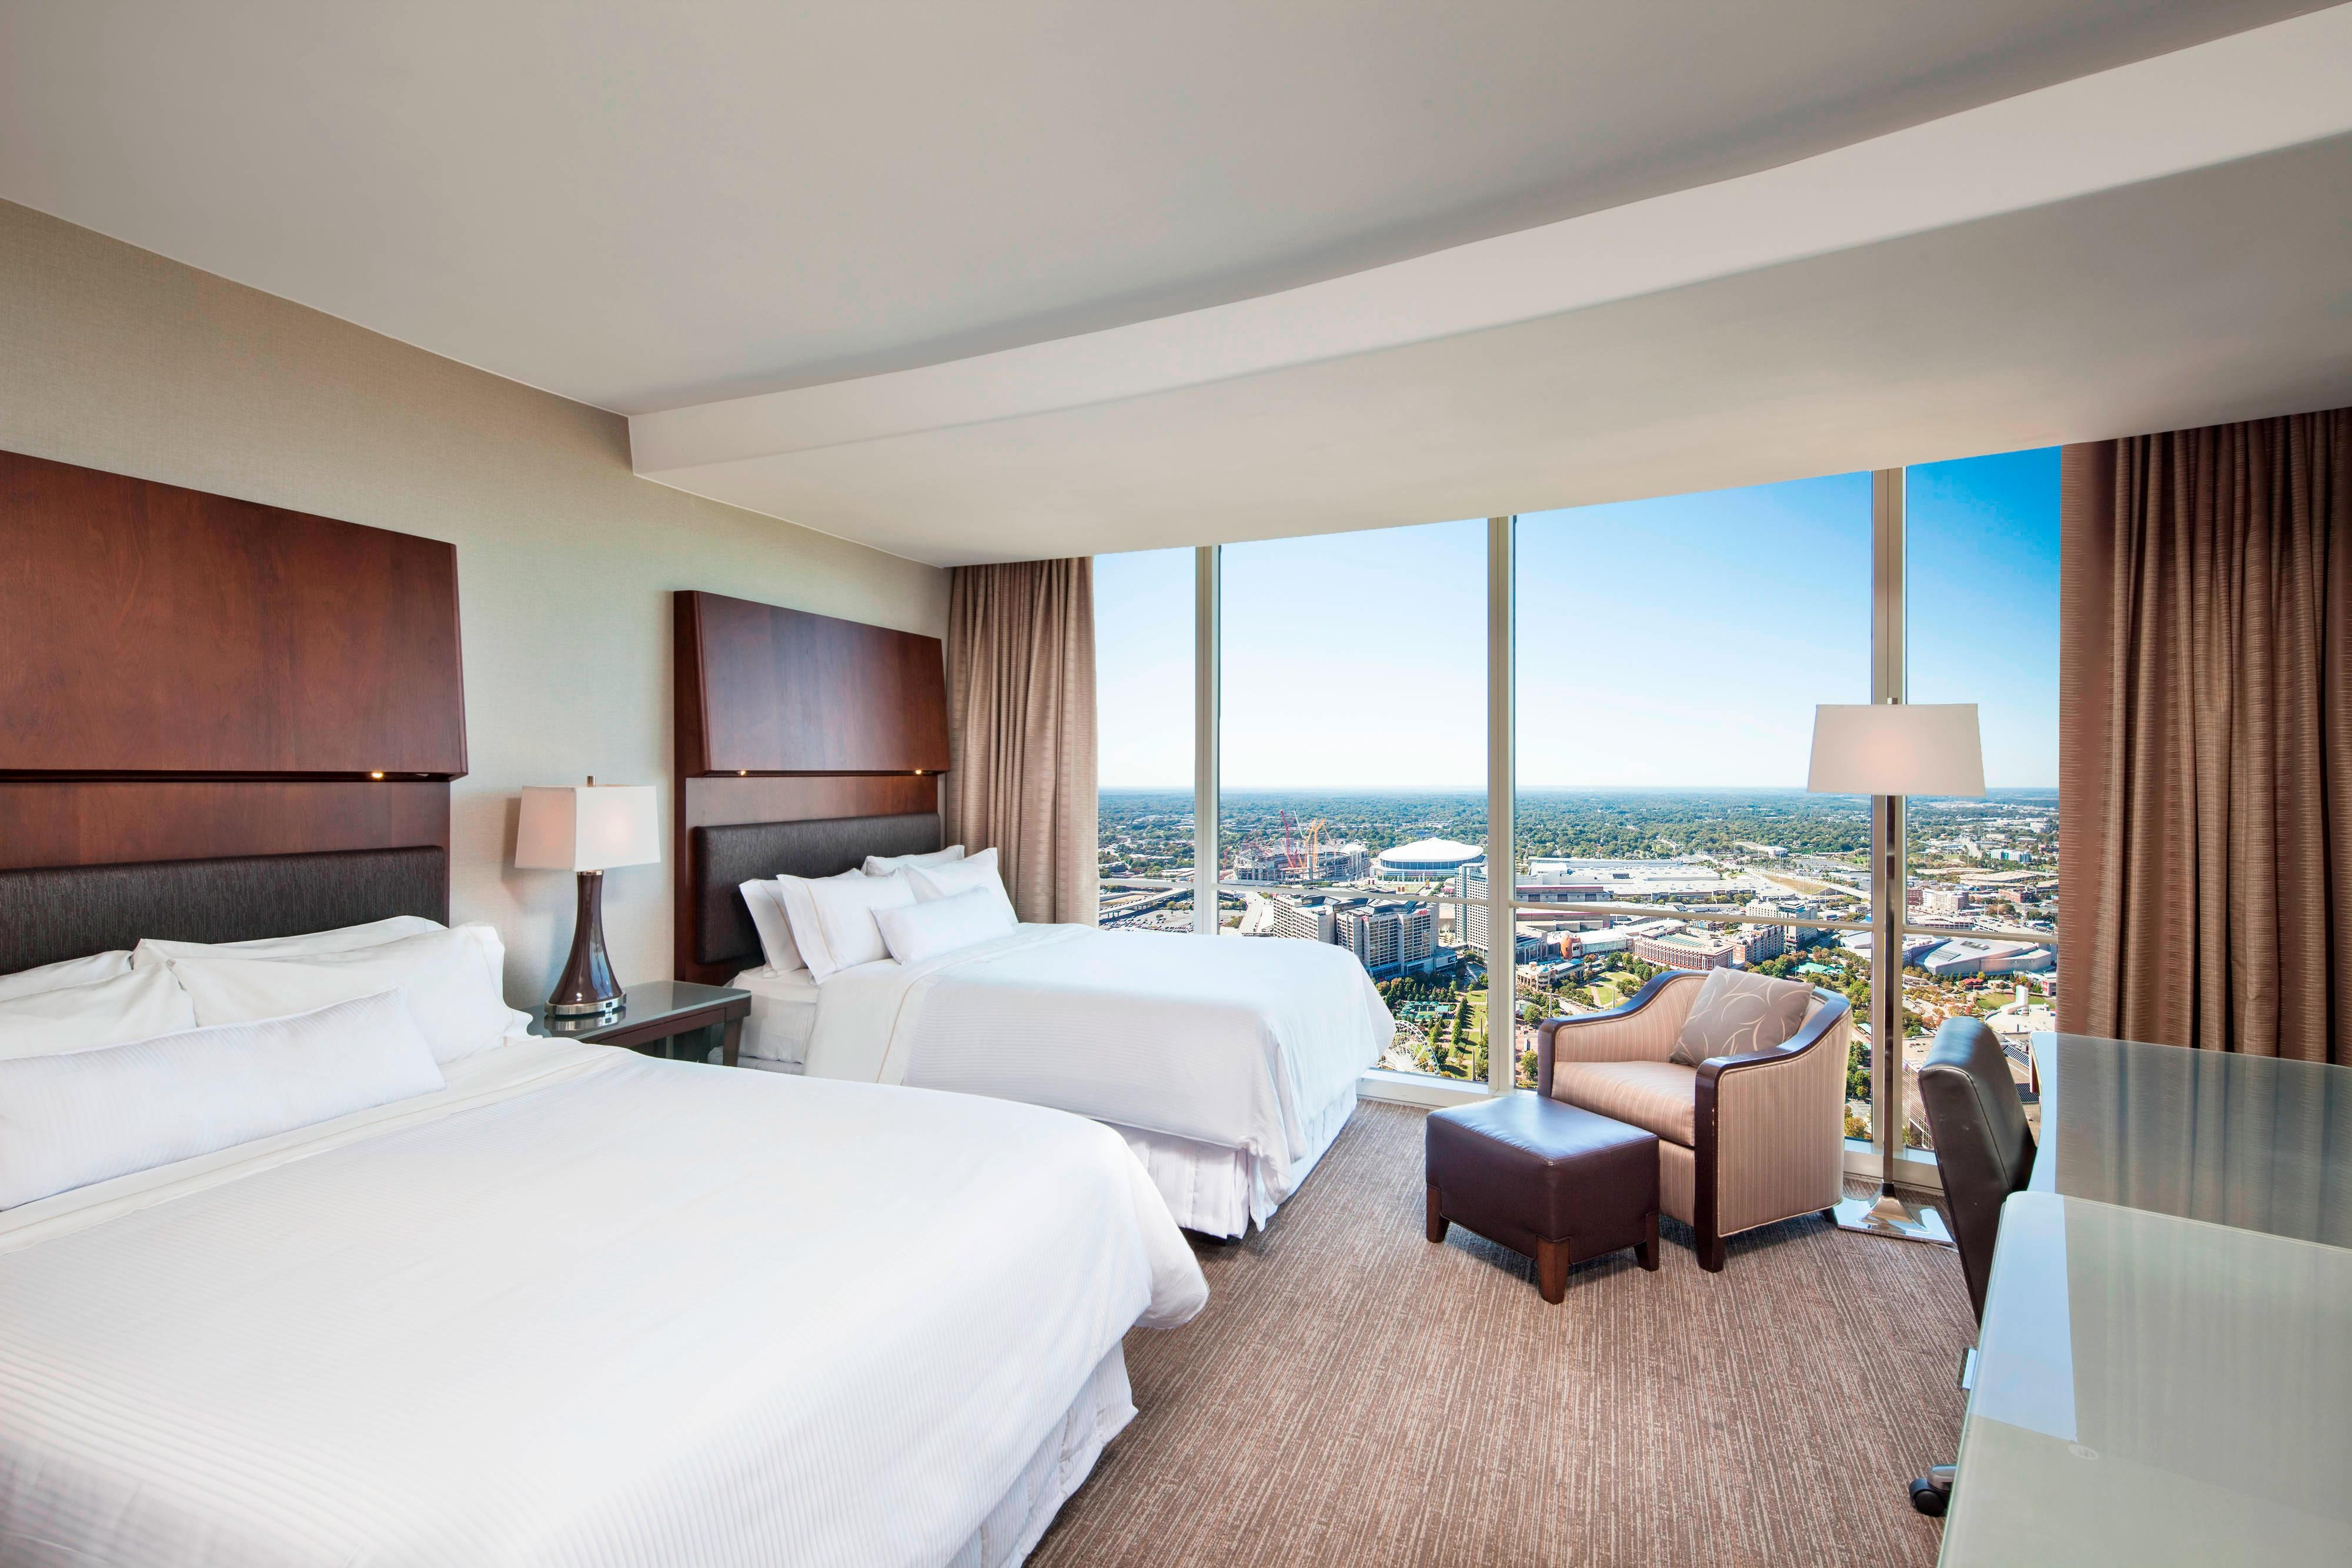 Premium Deluxe Doppelzimmer mit Blick auf den Centennial Park